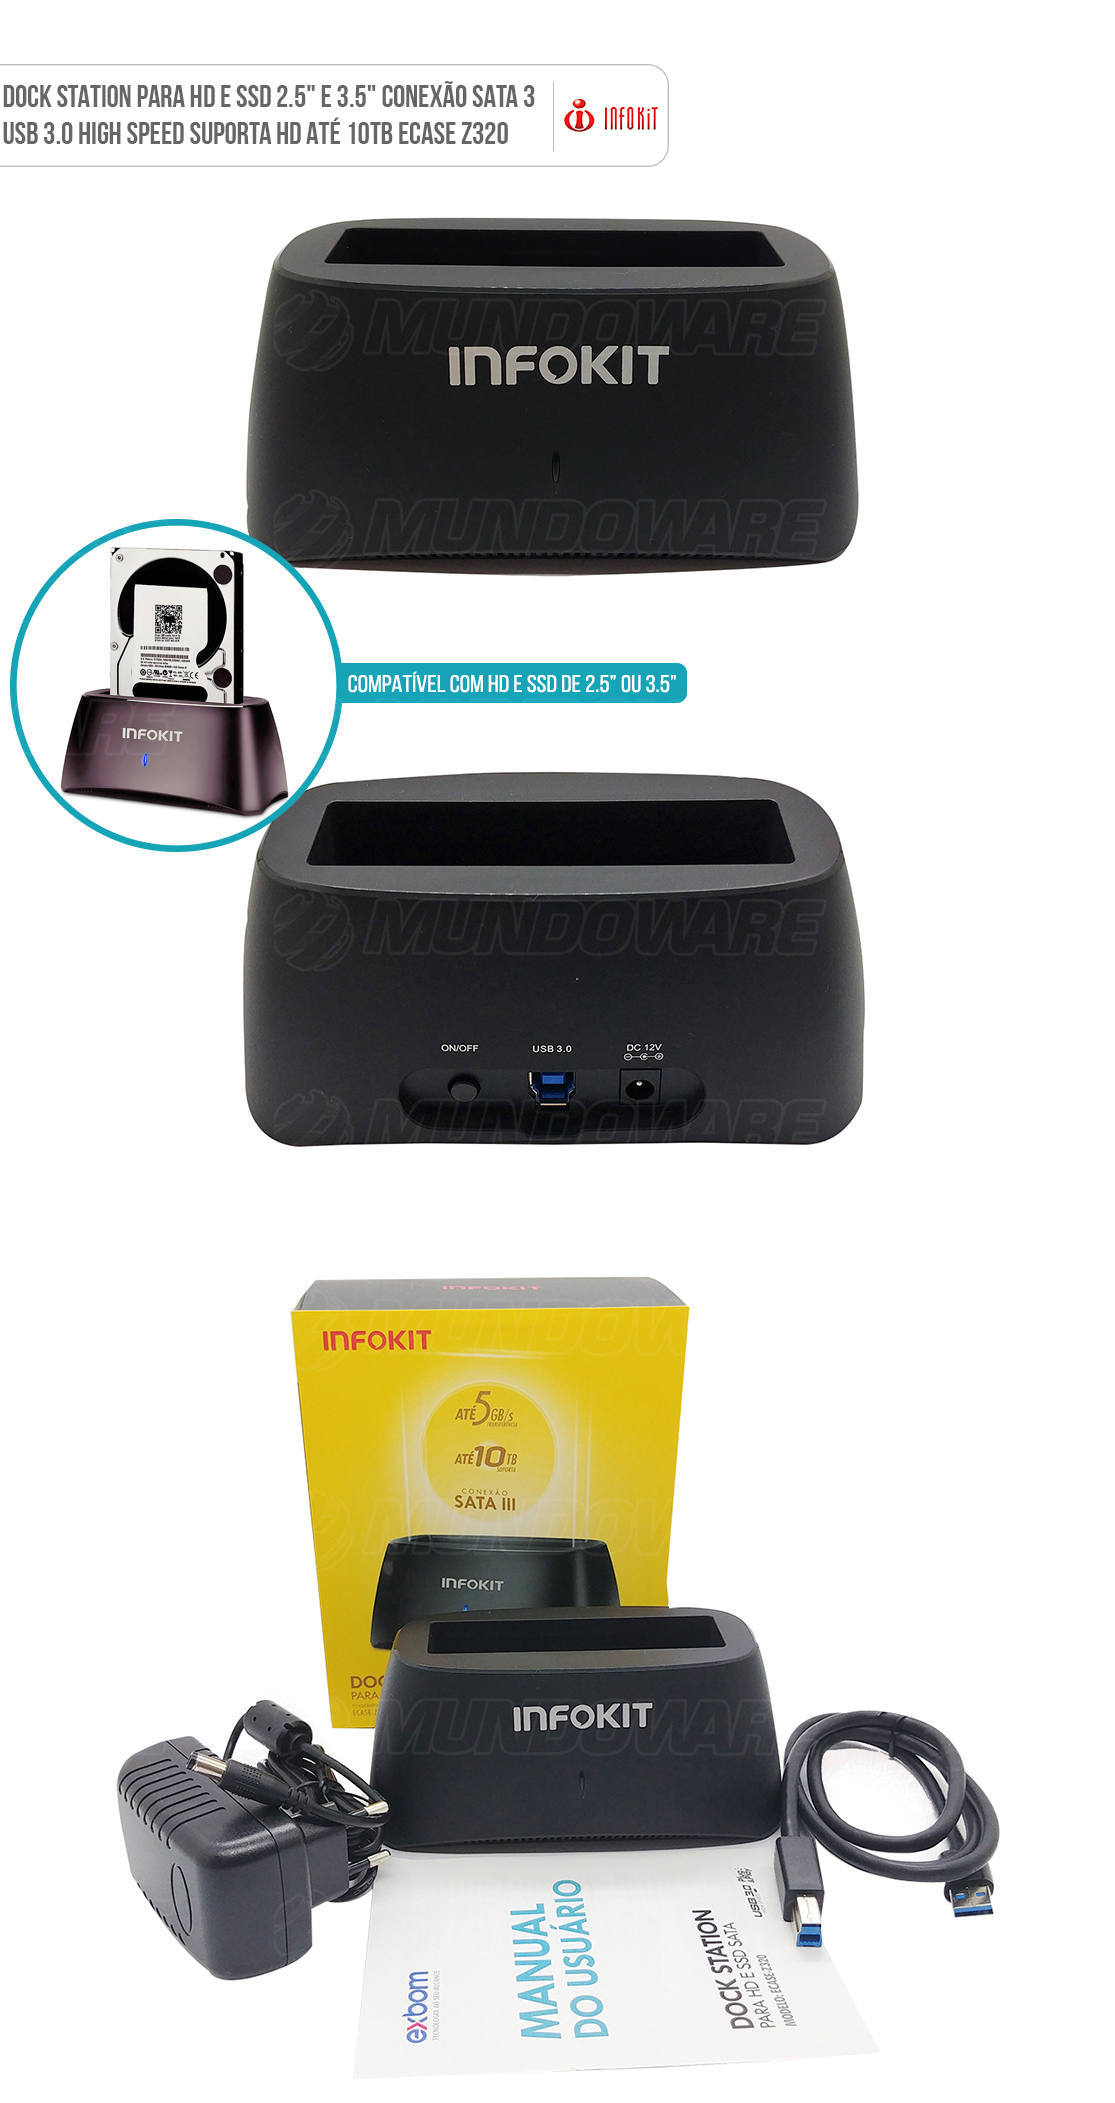 Case Externo Dock Station para HD 3.5 polegadas usb 3.0 compatível com SSD e HD de 2.5 polegadas